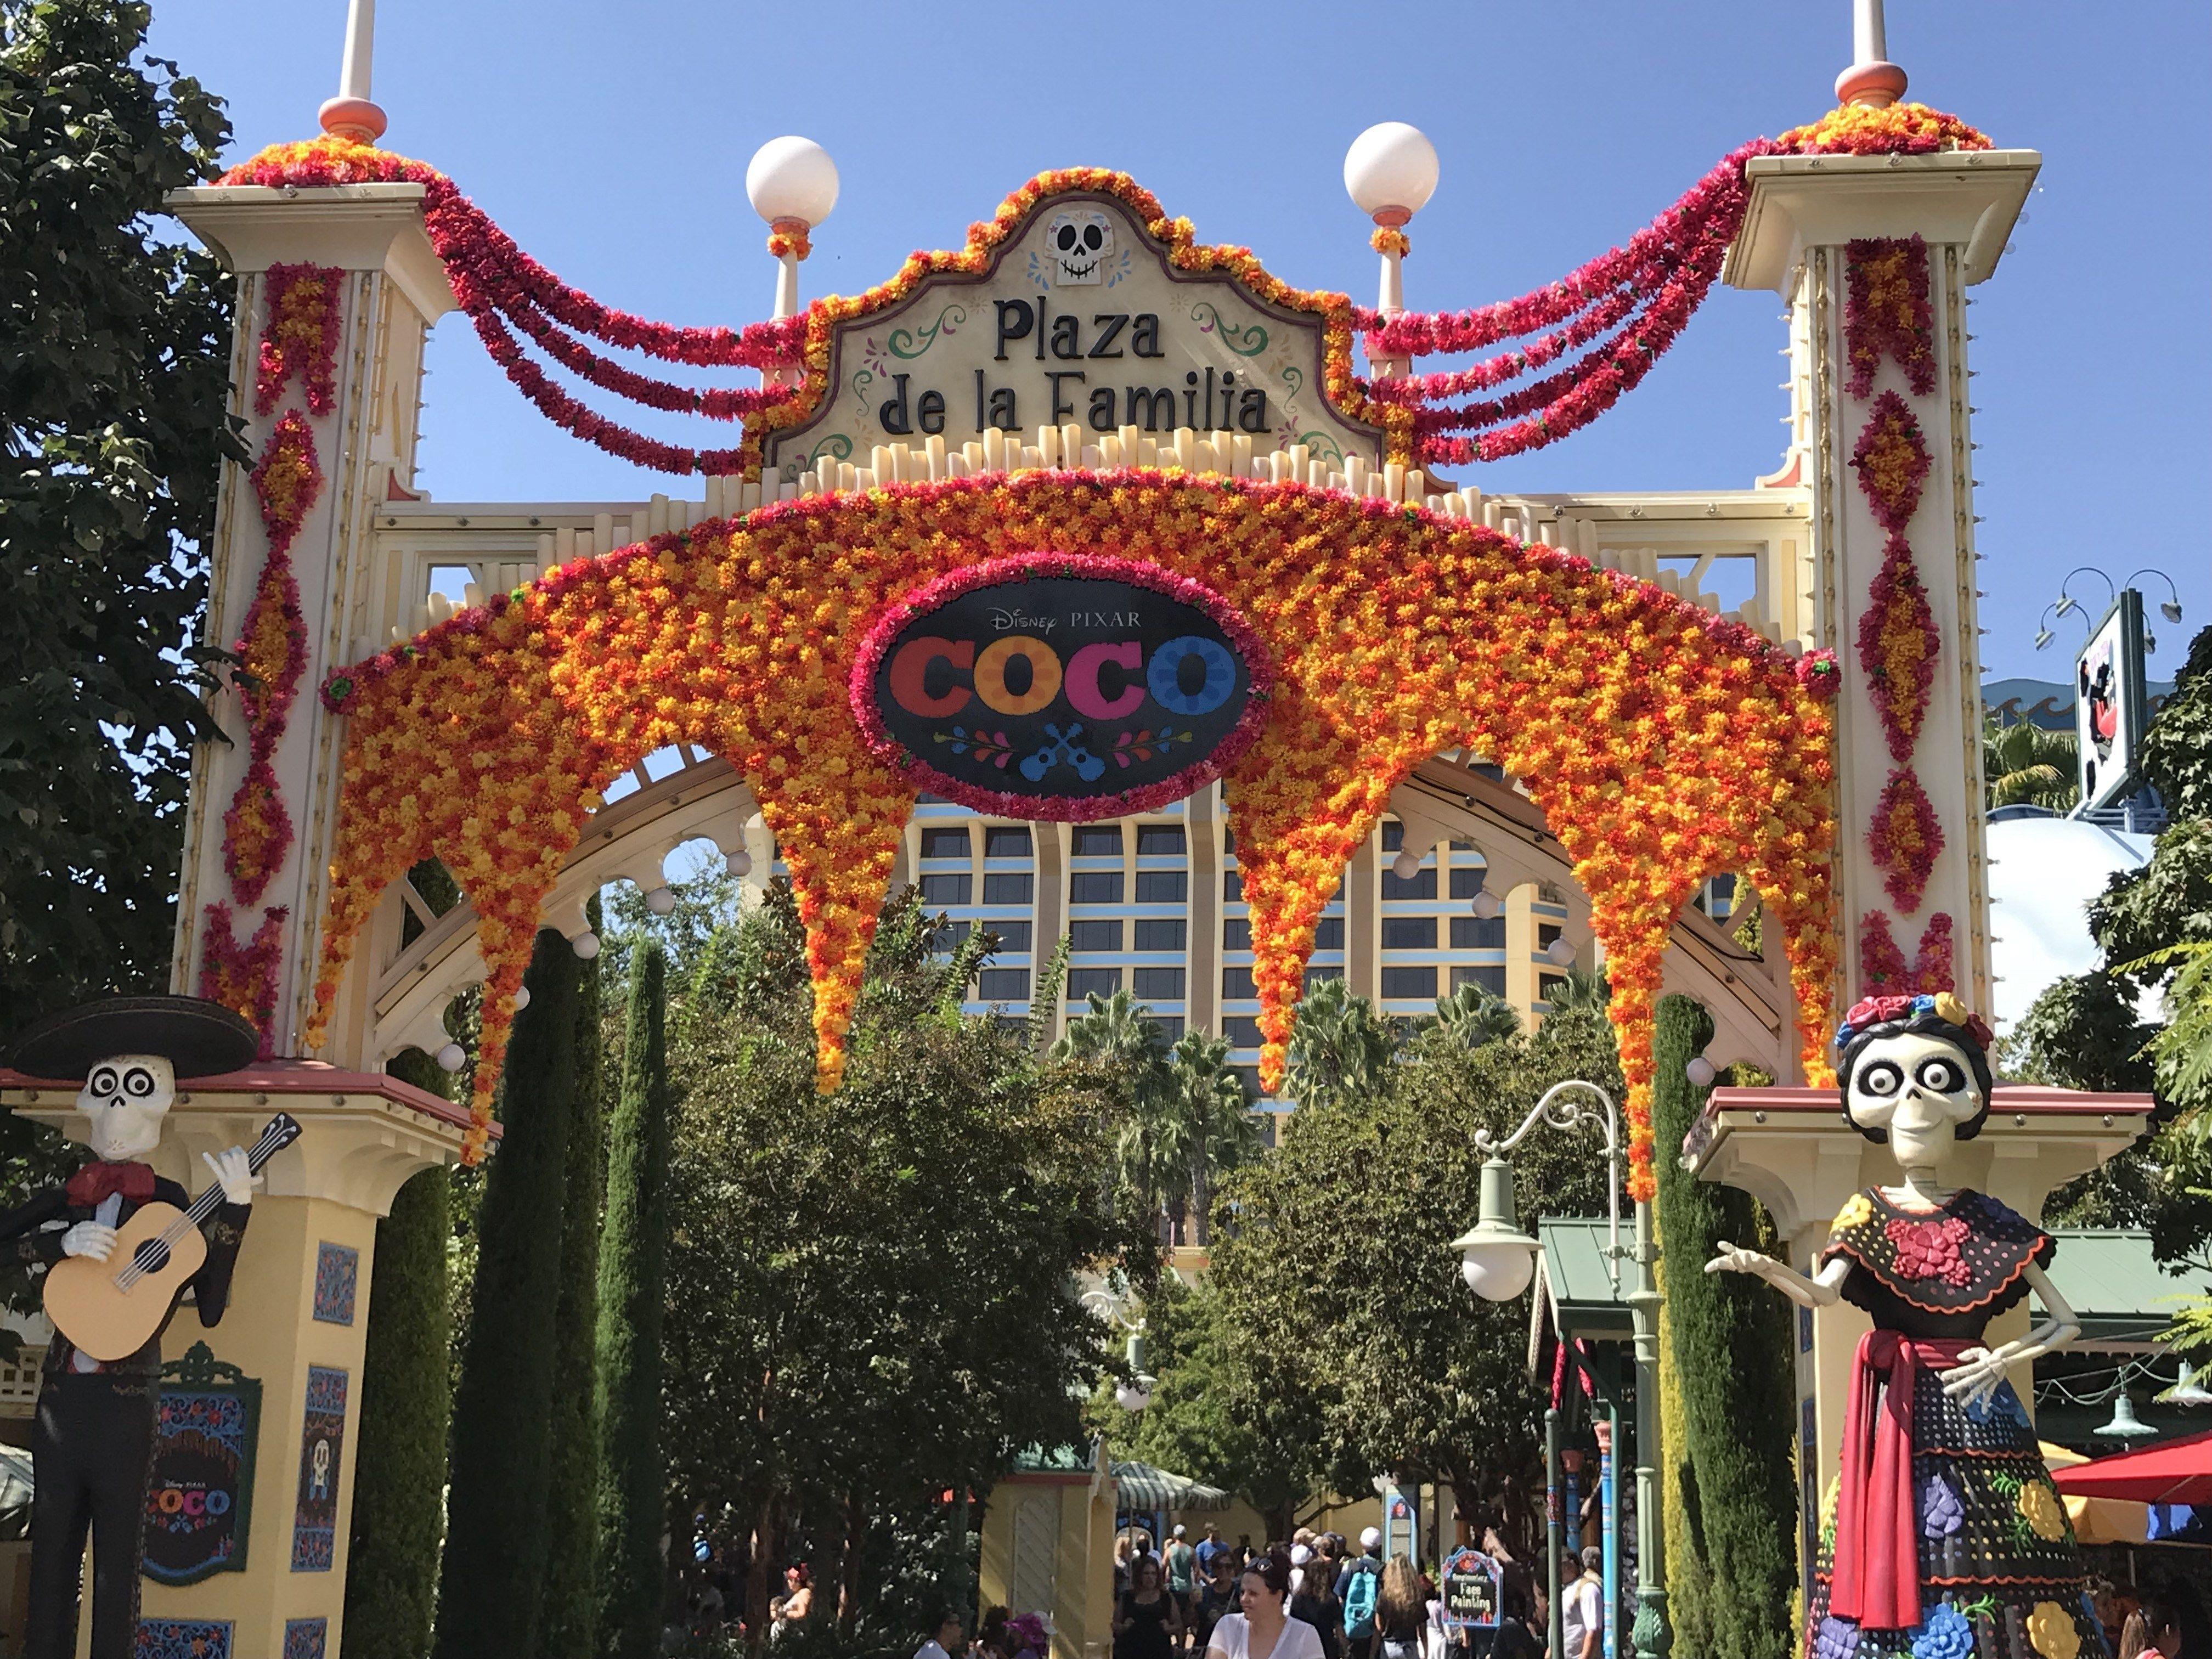 Diy Disney Pixar Coco Themed Party Ideas With Images Disney Diy